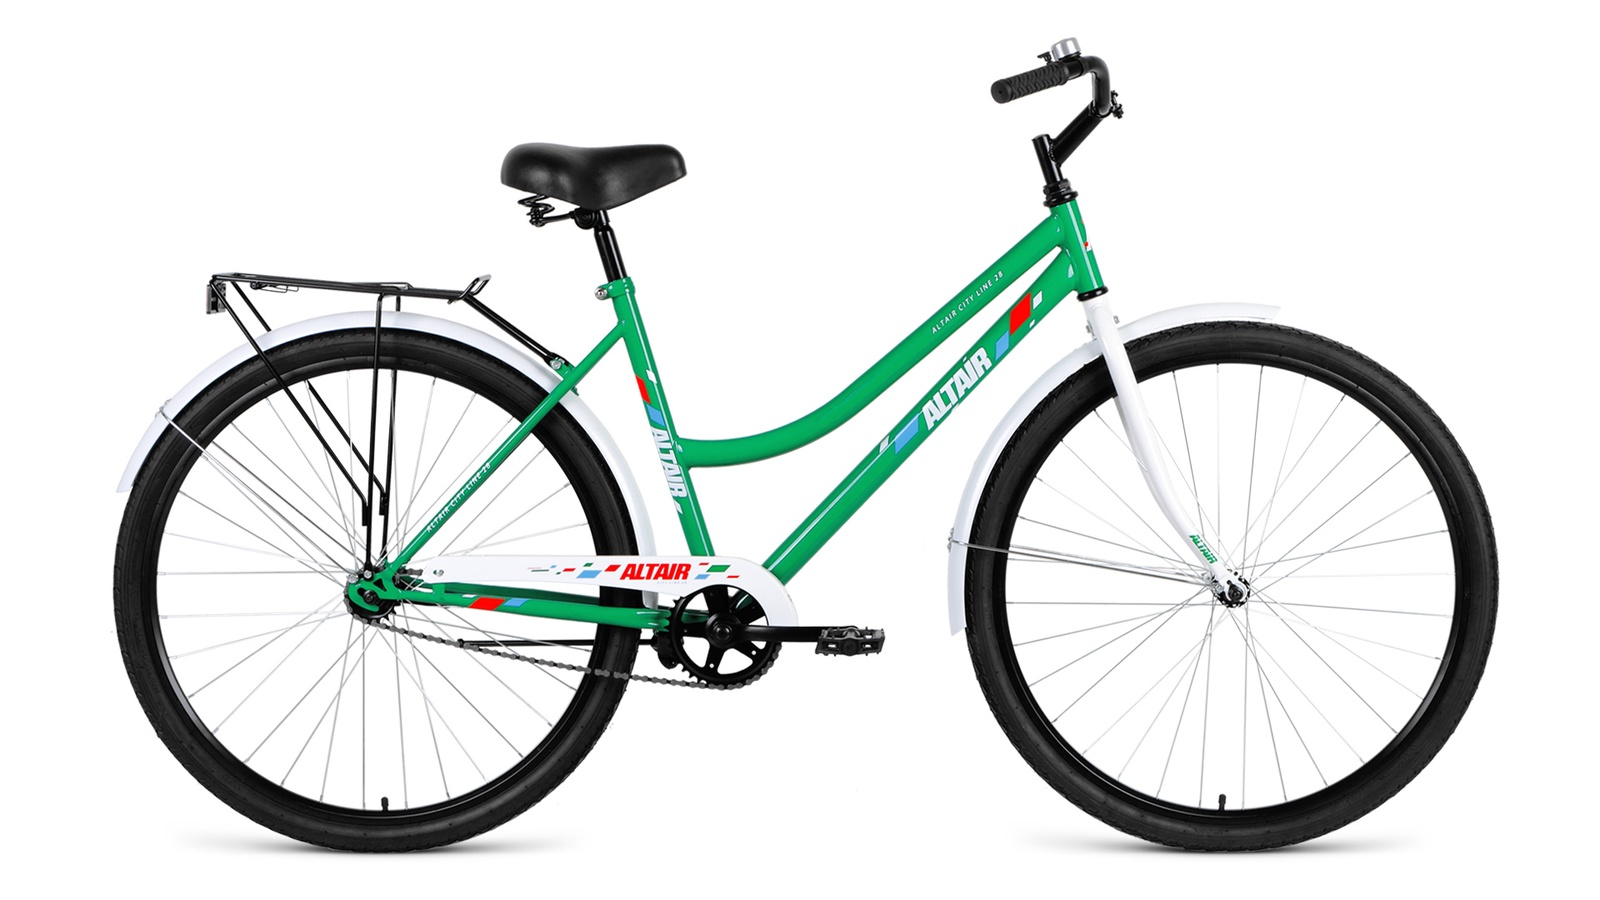 Велосипед Altair City low 28 2019 зеленый